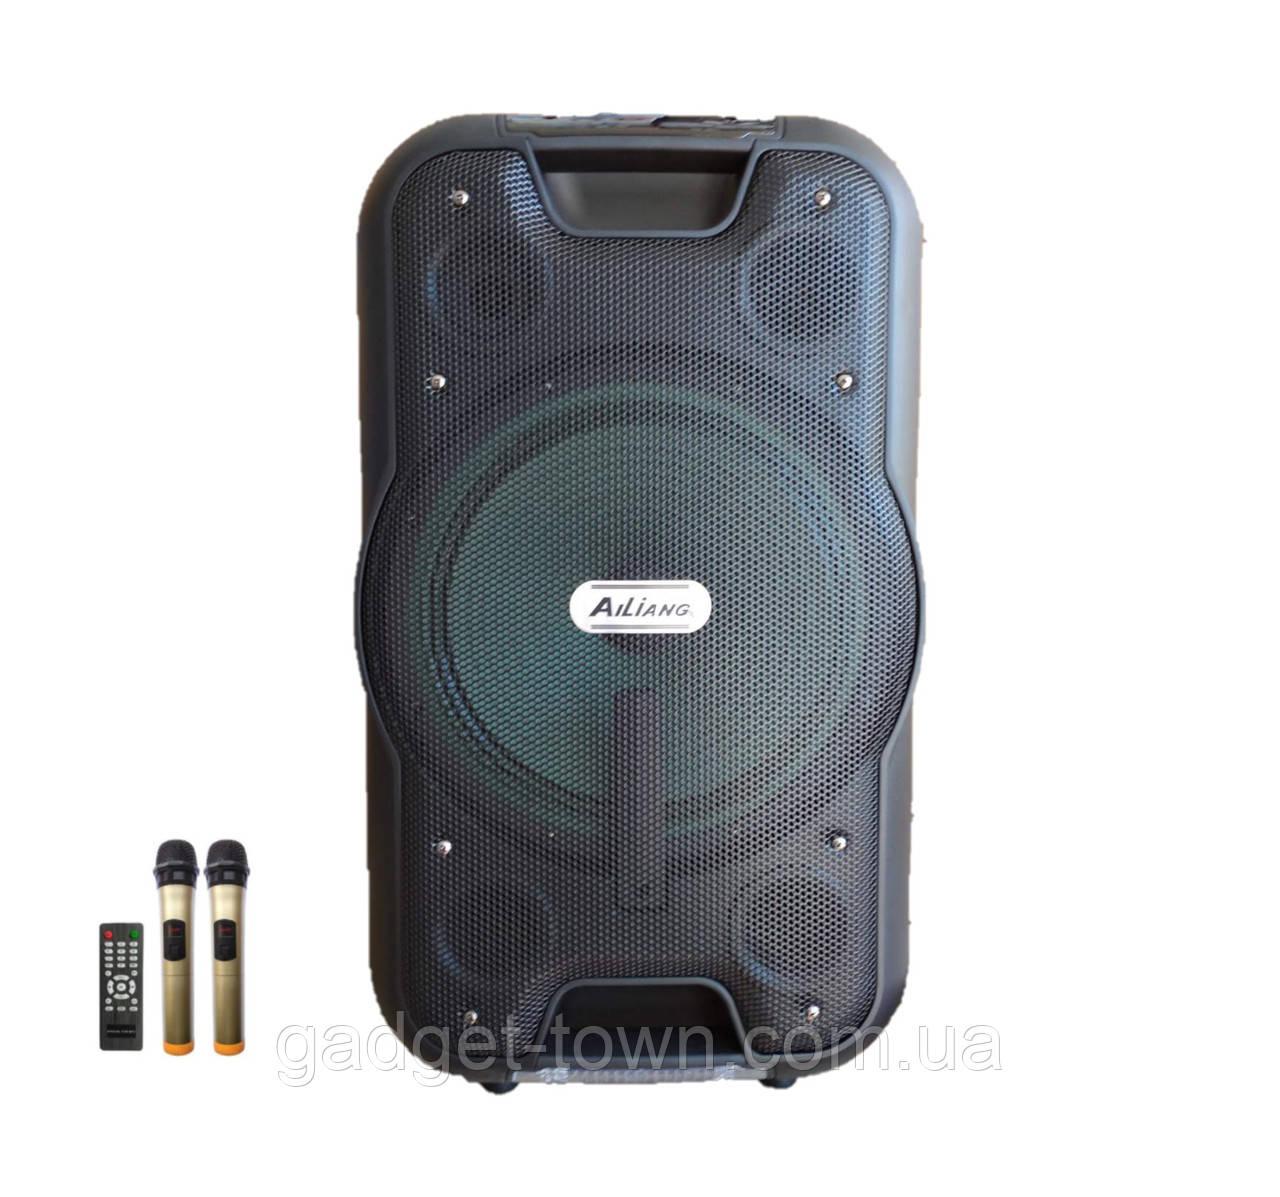 Колонка аккумуляторная Ailiang UF-2112 c радиомикрофонами (100W/USB/BT/FM)